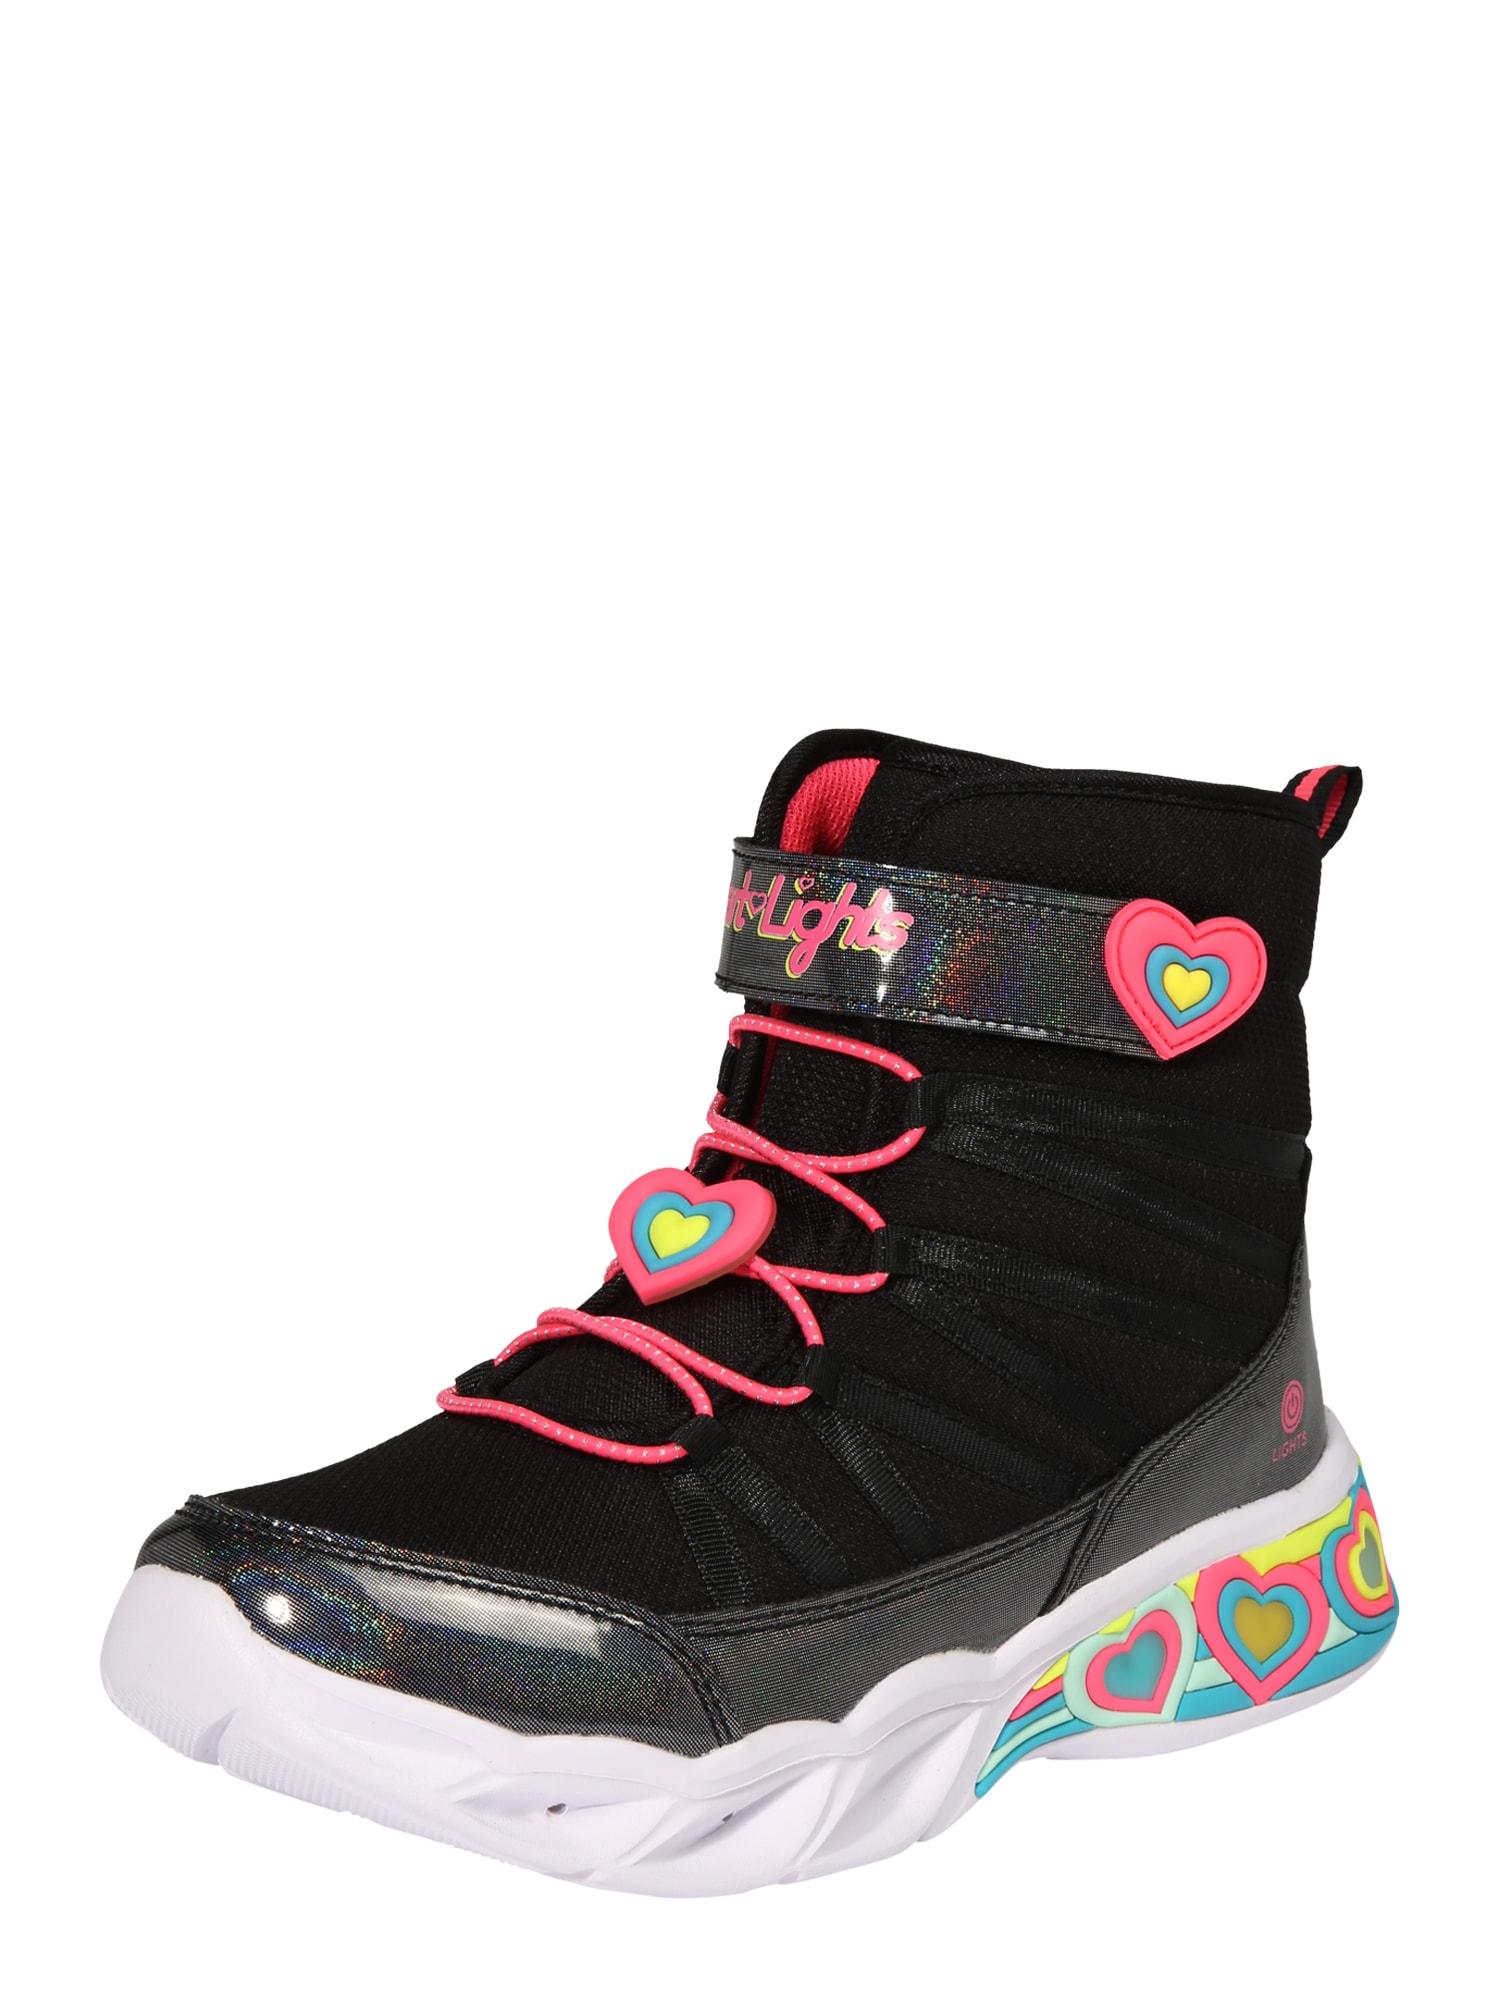 SKECHERS Auliniai batai su kulniuku 'SWEETHEART LIGHTS' juoda / rožinė / mėlyna / geltona